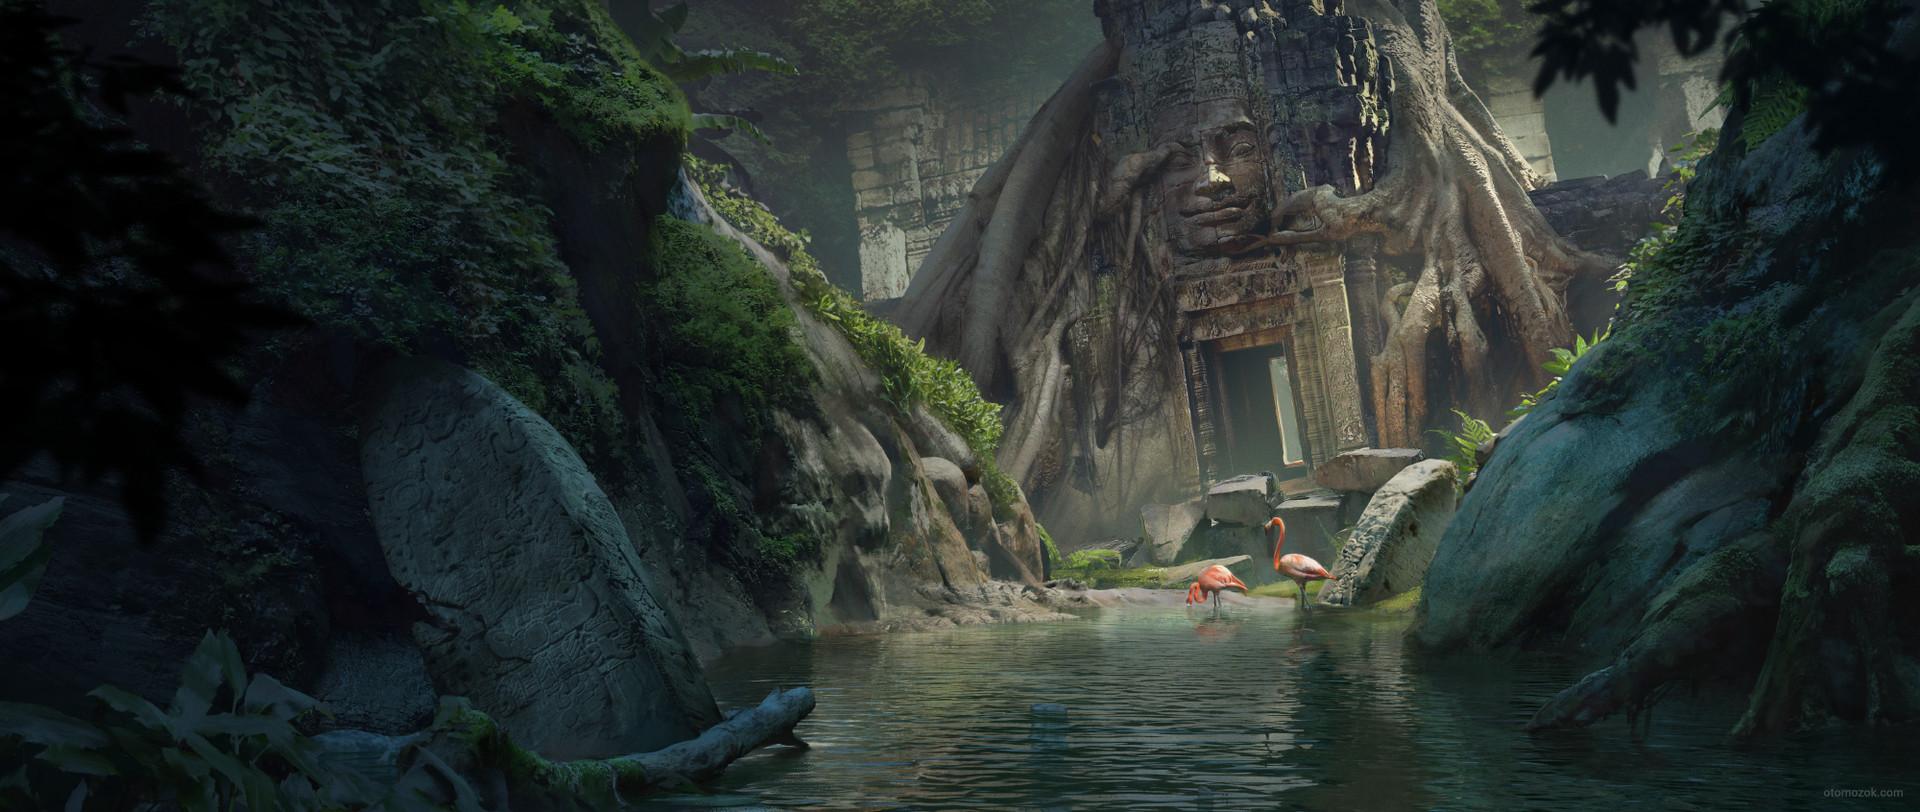 Arthur gurin temple